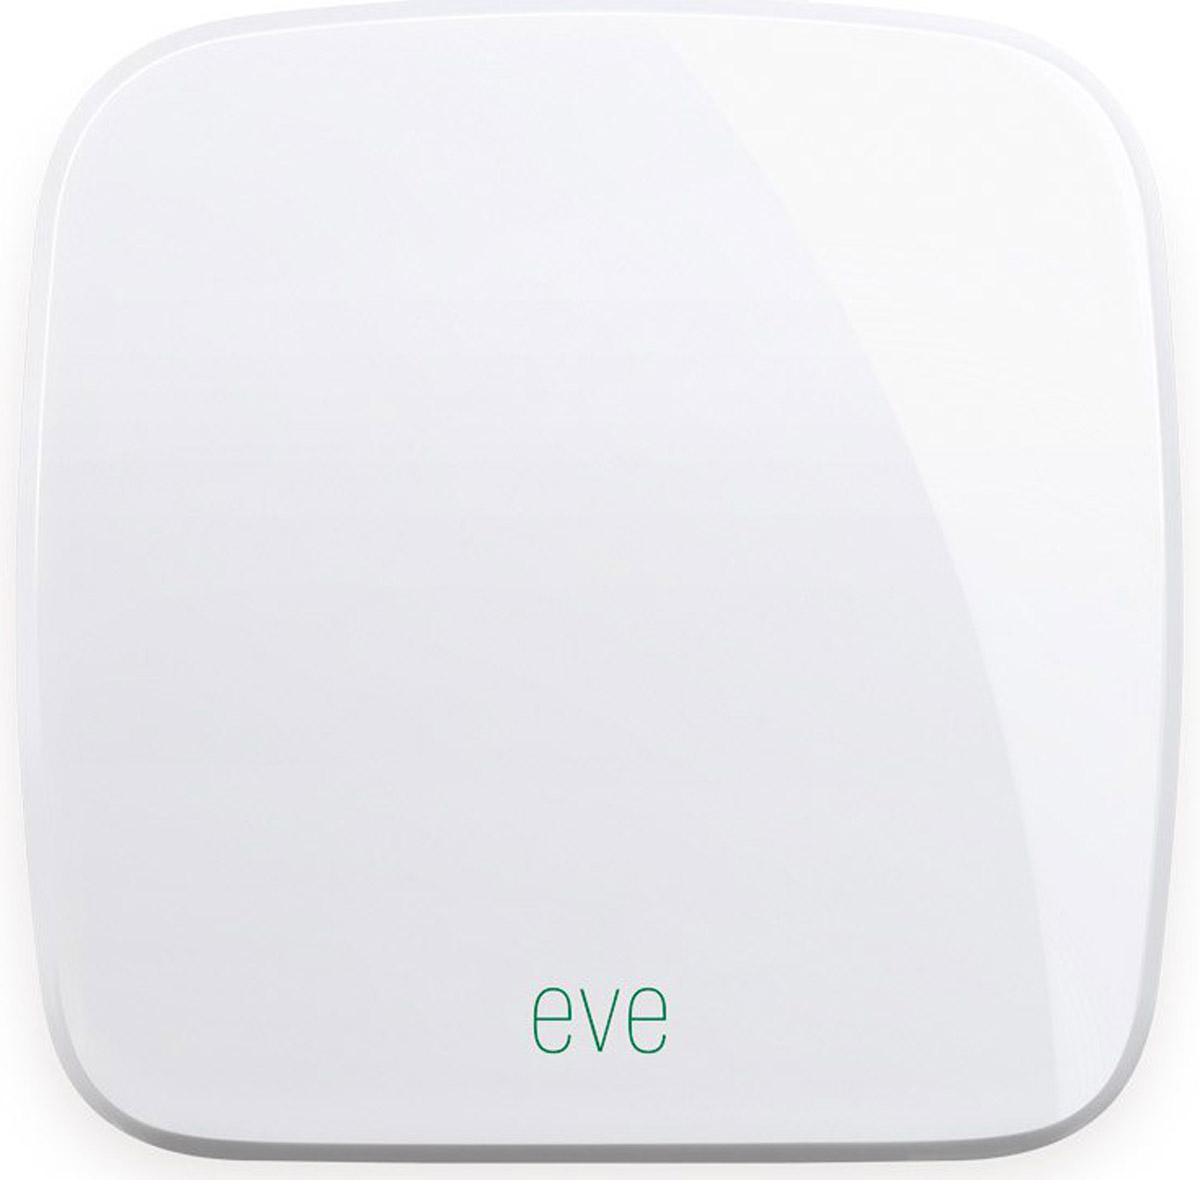 Elgato Eve Weather беспроводной датчик1EW109901000Elgato Eve Weather определяет температуру, влажность и атмосферное давление в непосредственной близости от вашего дома и выводит данные о погодных условиях на экран вашего iPhone или iPad с помощью бесплатного приложения.Используя преимущества революционной технологии HomeKit Apple, Eve обеспечивает непревзойдённое удобство, усовершенствованную защиту и тесную интеграцию с Siri. Датчик Eve Weather работает от долговечных сменных батареек, так что вам не придётся возиться со шнурами питания.Индивидуальные данные о погоде позволят вам повысить комфорт в домеИзучайте данные о погоде в вашем месте за день, месяц или годПростое прямое подключение с использованием технологии Bluetooth 4.0 SmartПоддержка ОС: iOS 10.2 и вышеЗащита IPX3